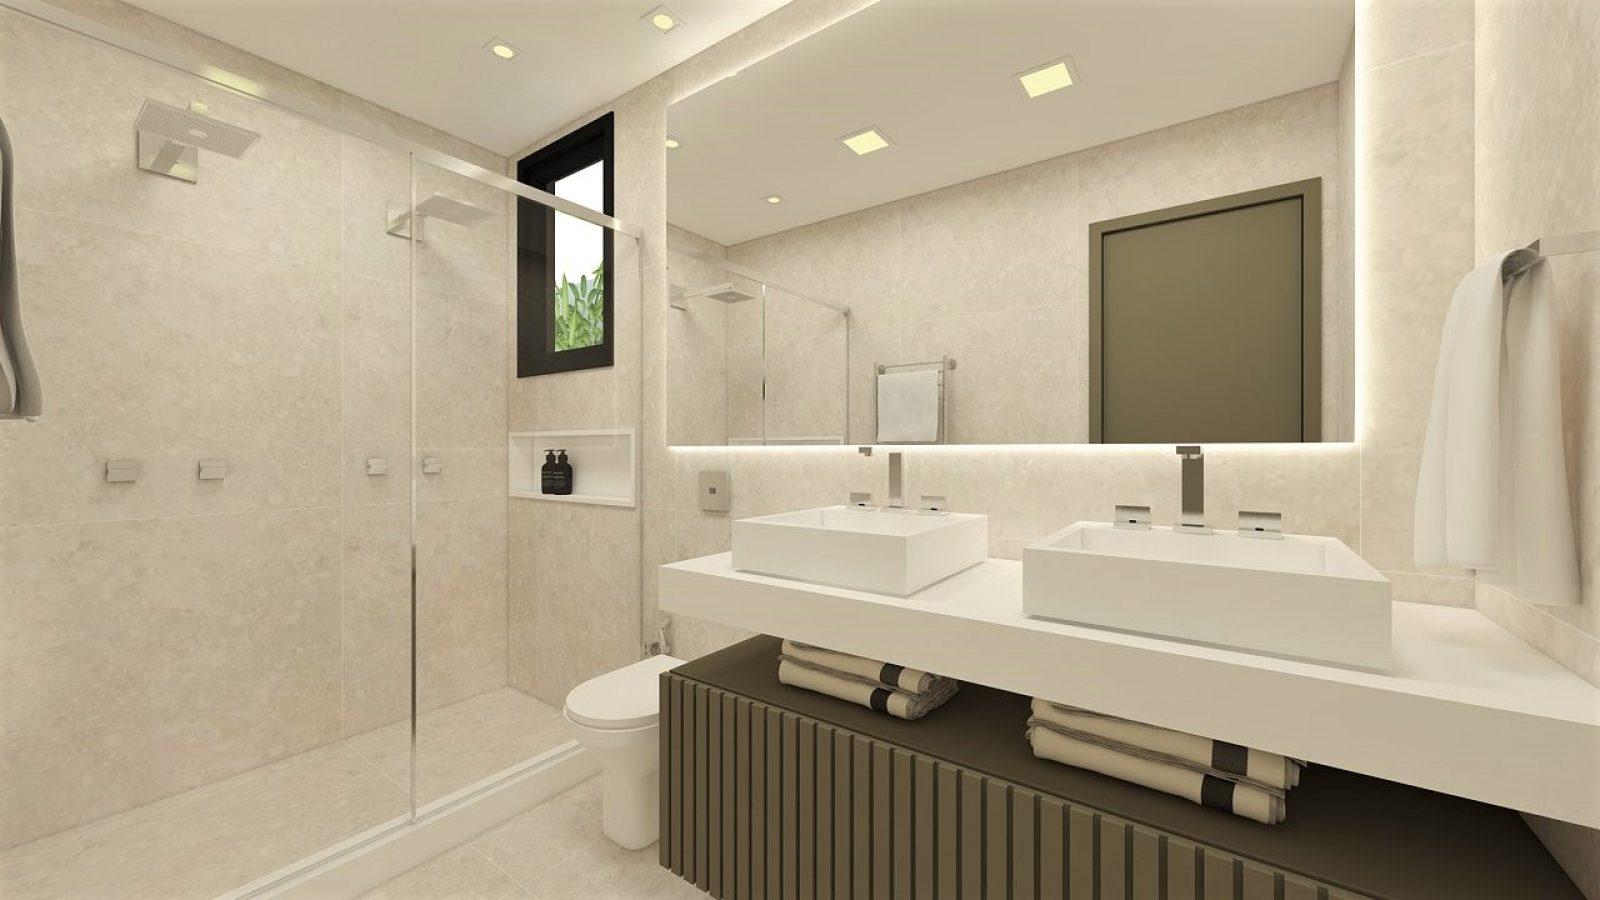 Banheiro com duas pias e área de banho, com acabamento na cor branca.